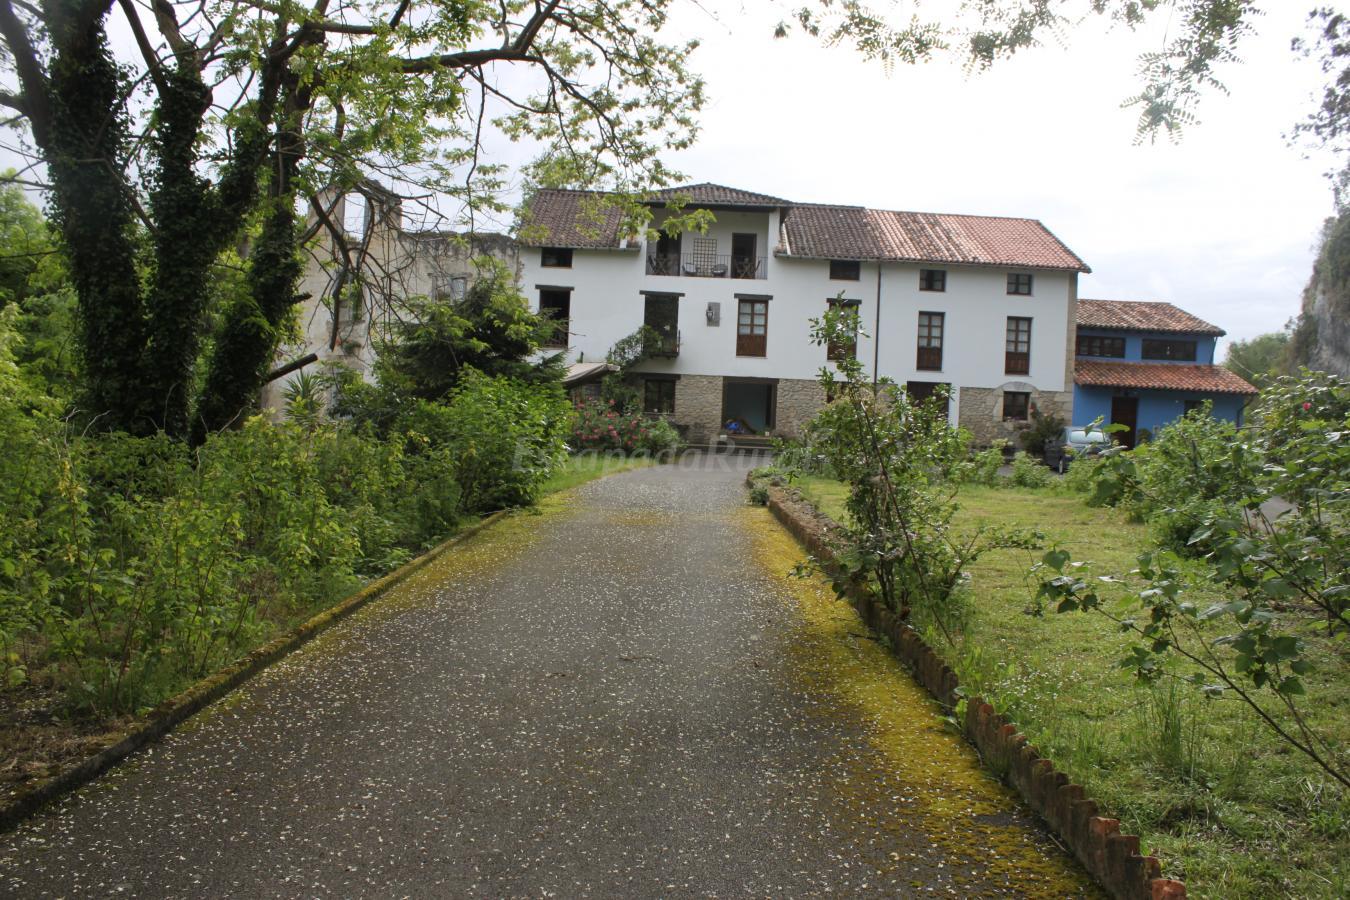 Fotos de agroturismo muriances casa de campo em ribadedeva asturias - Casa de campo asturias ...